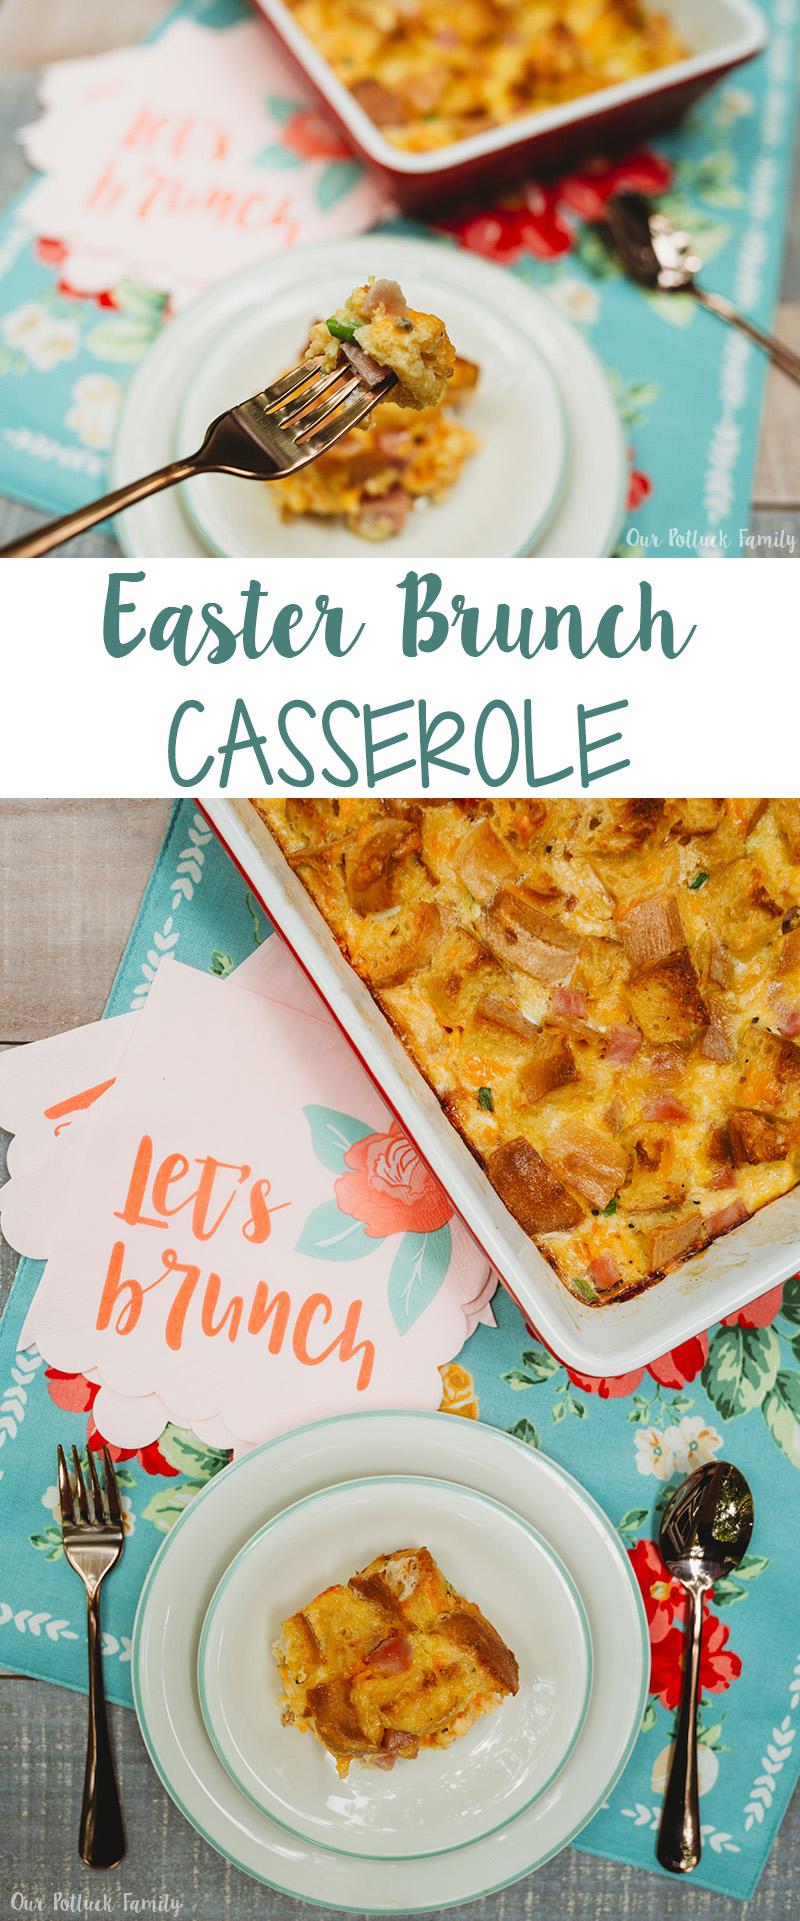 Easter Brunch Casserole